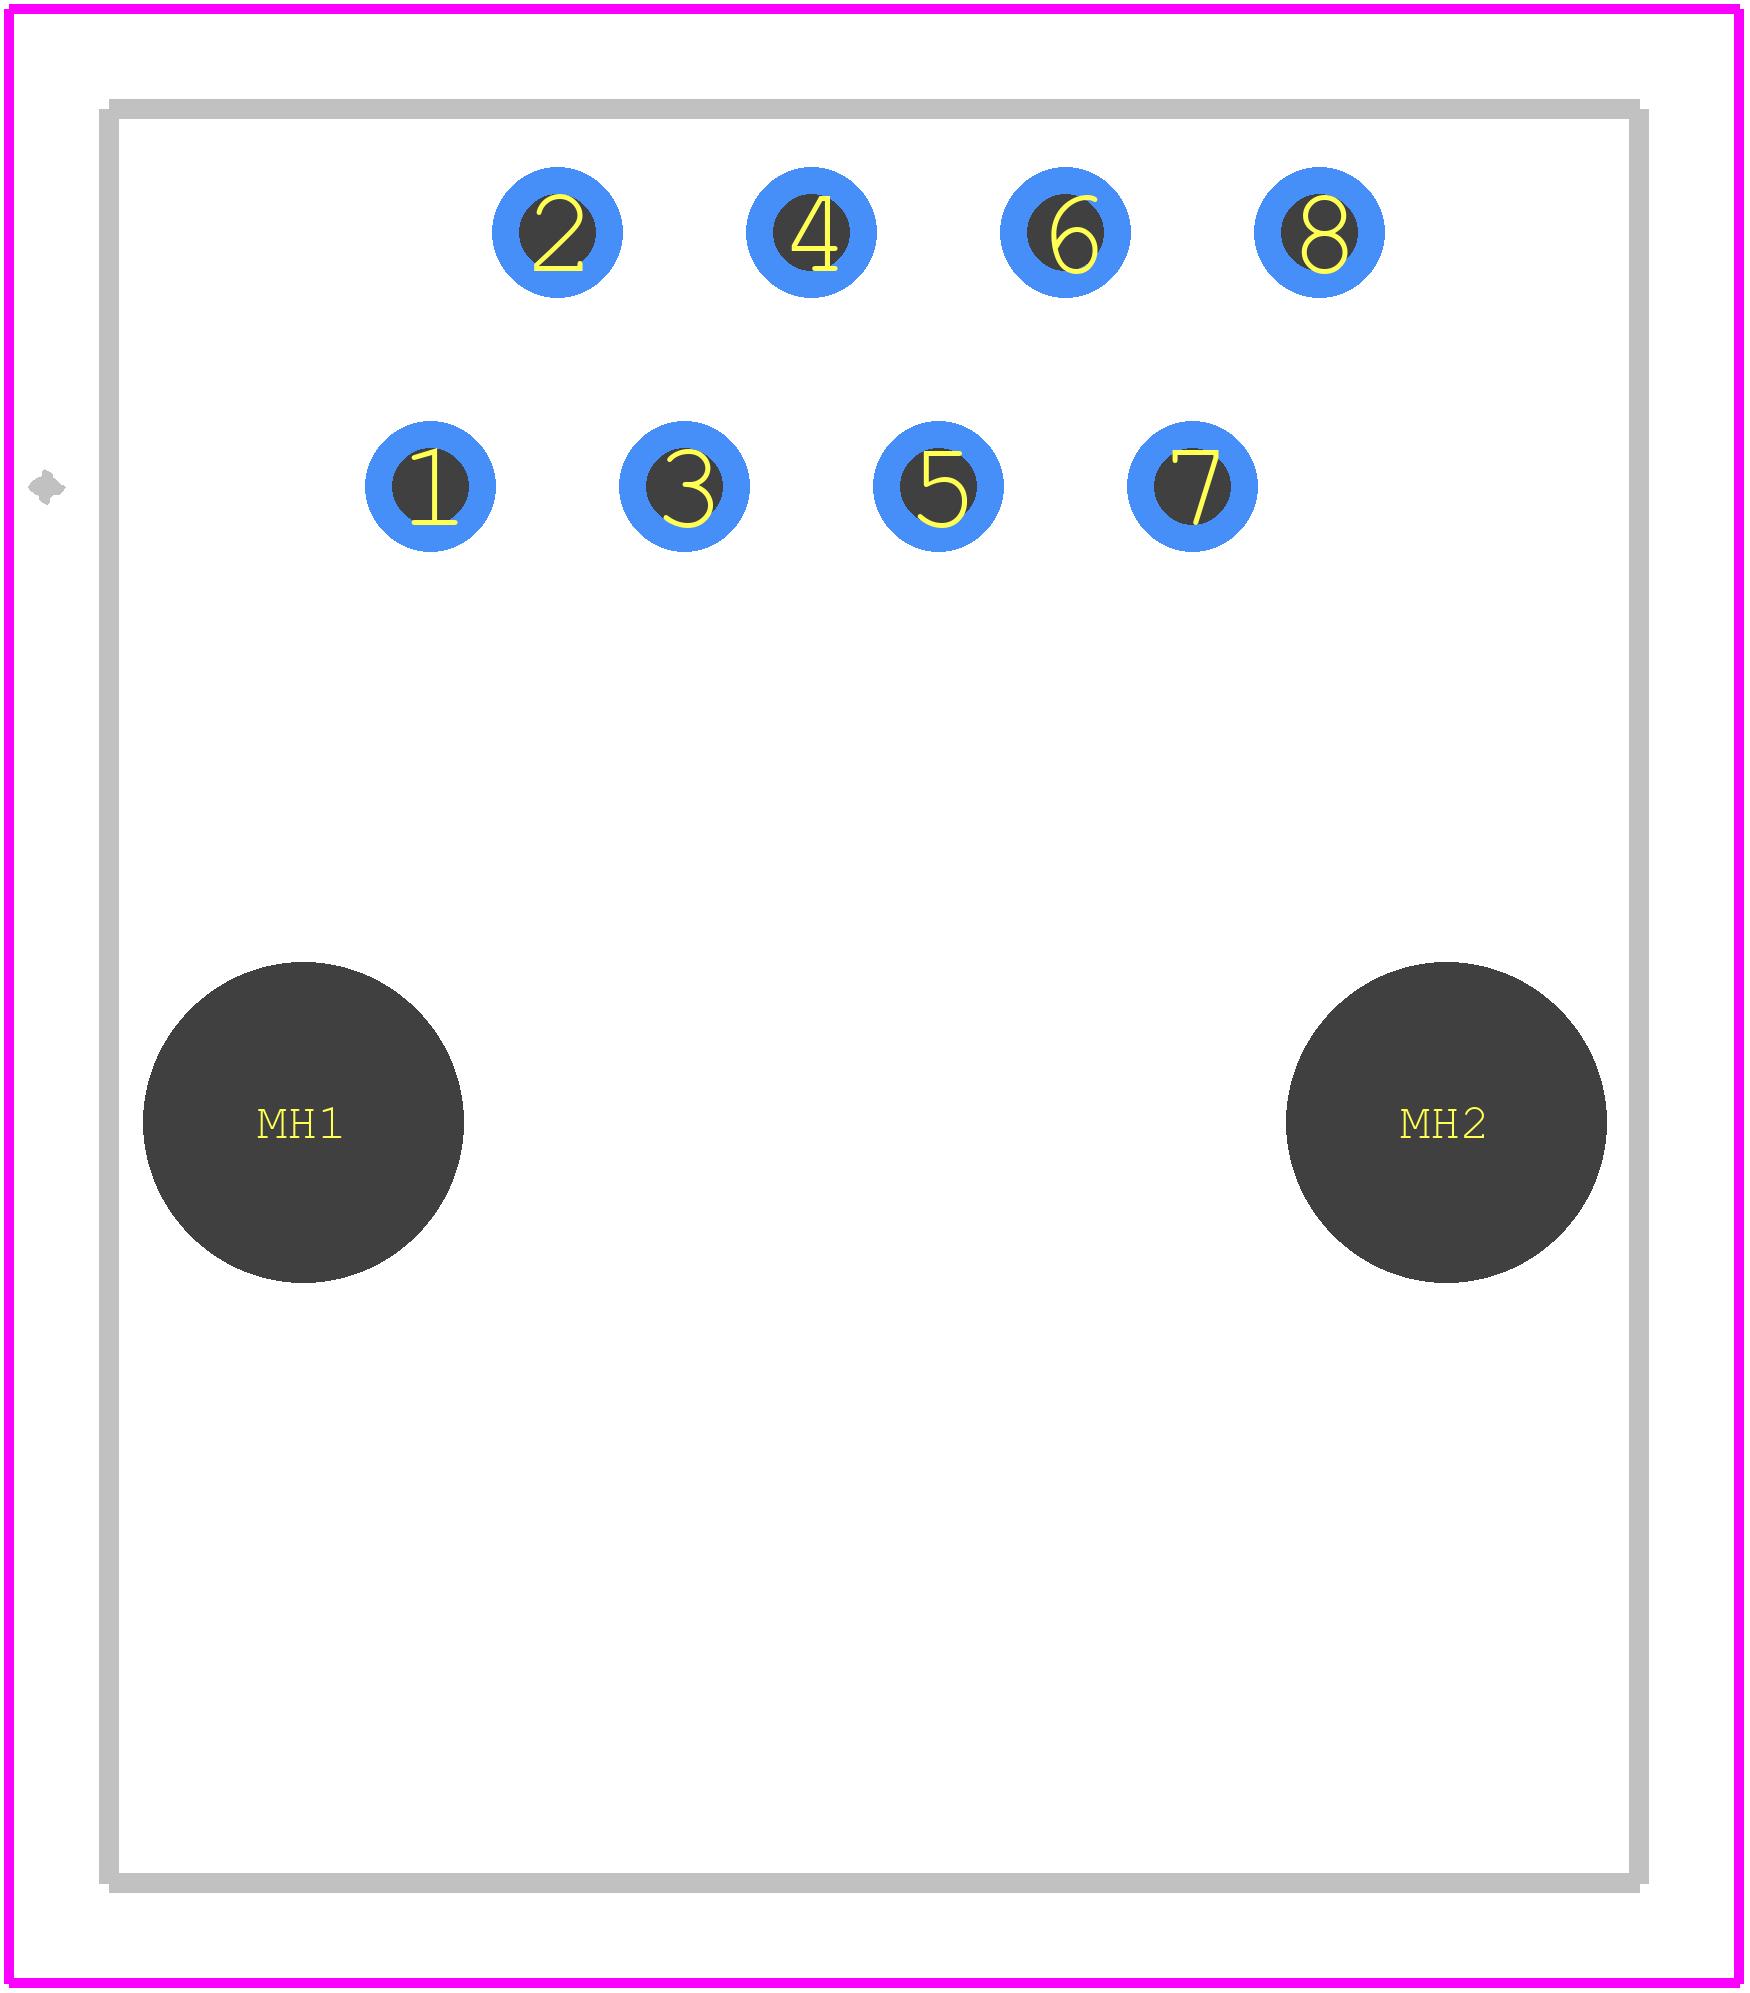 54602-908LF - FCI PCB footprint - Other - 54602-908LF